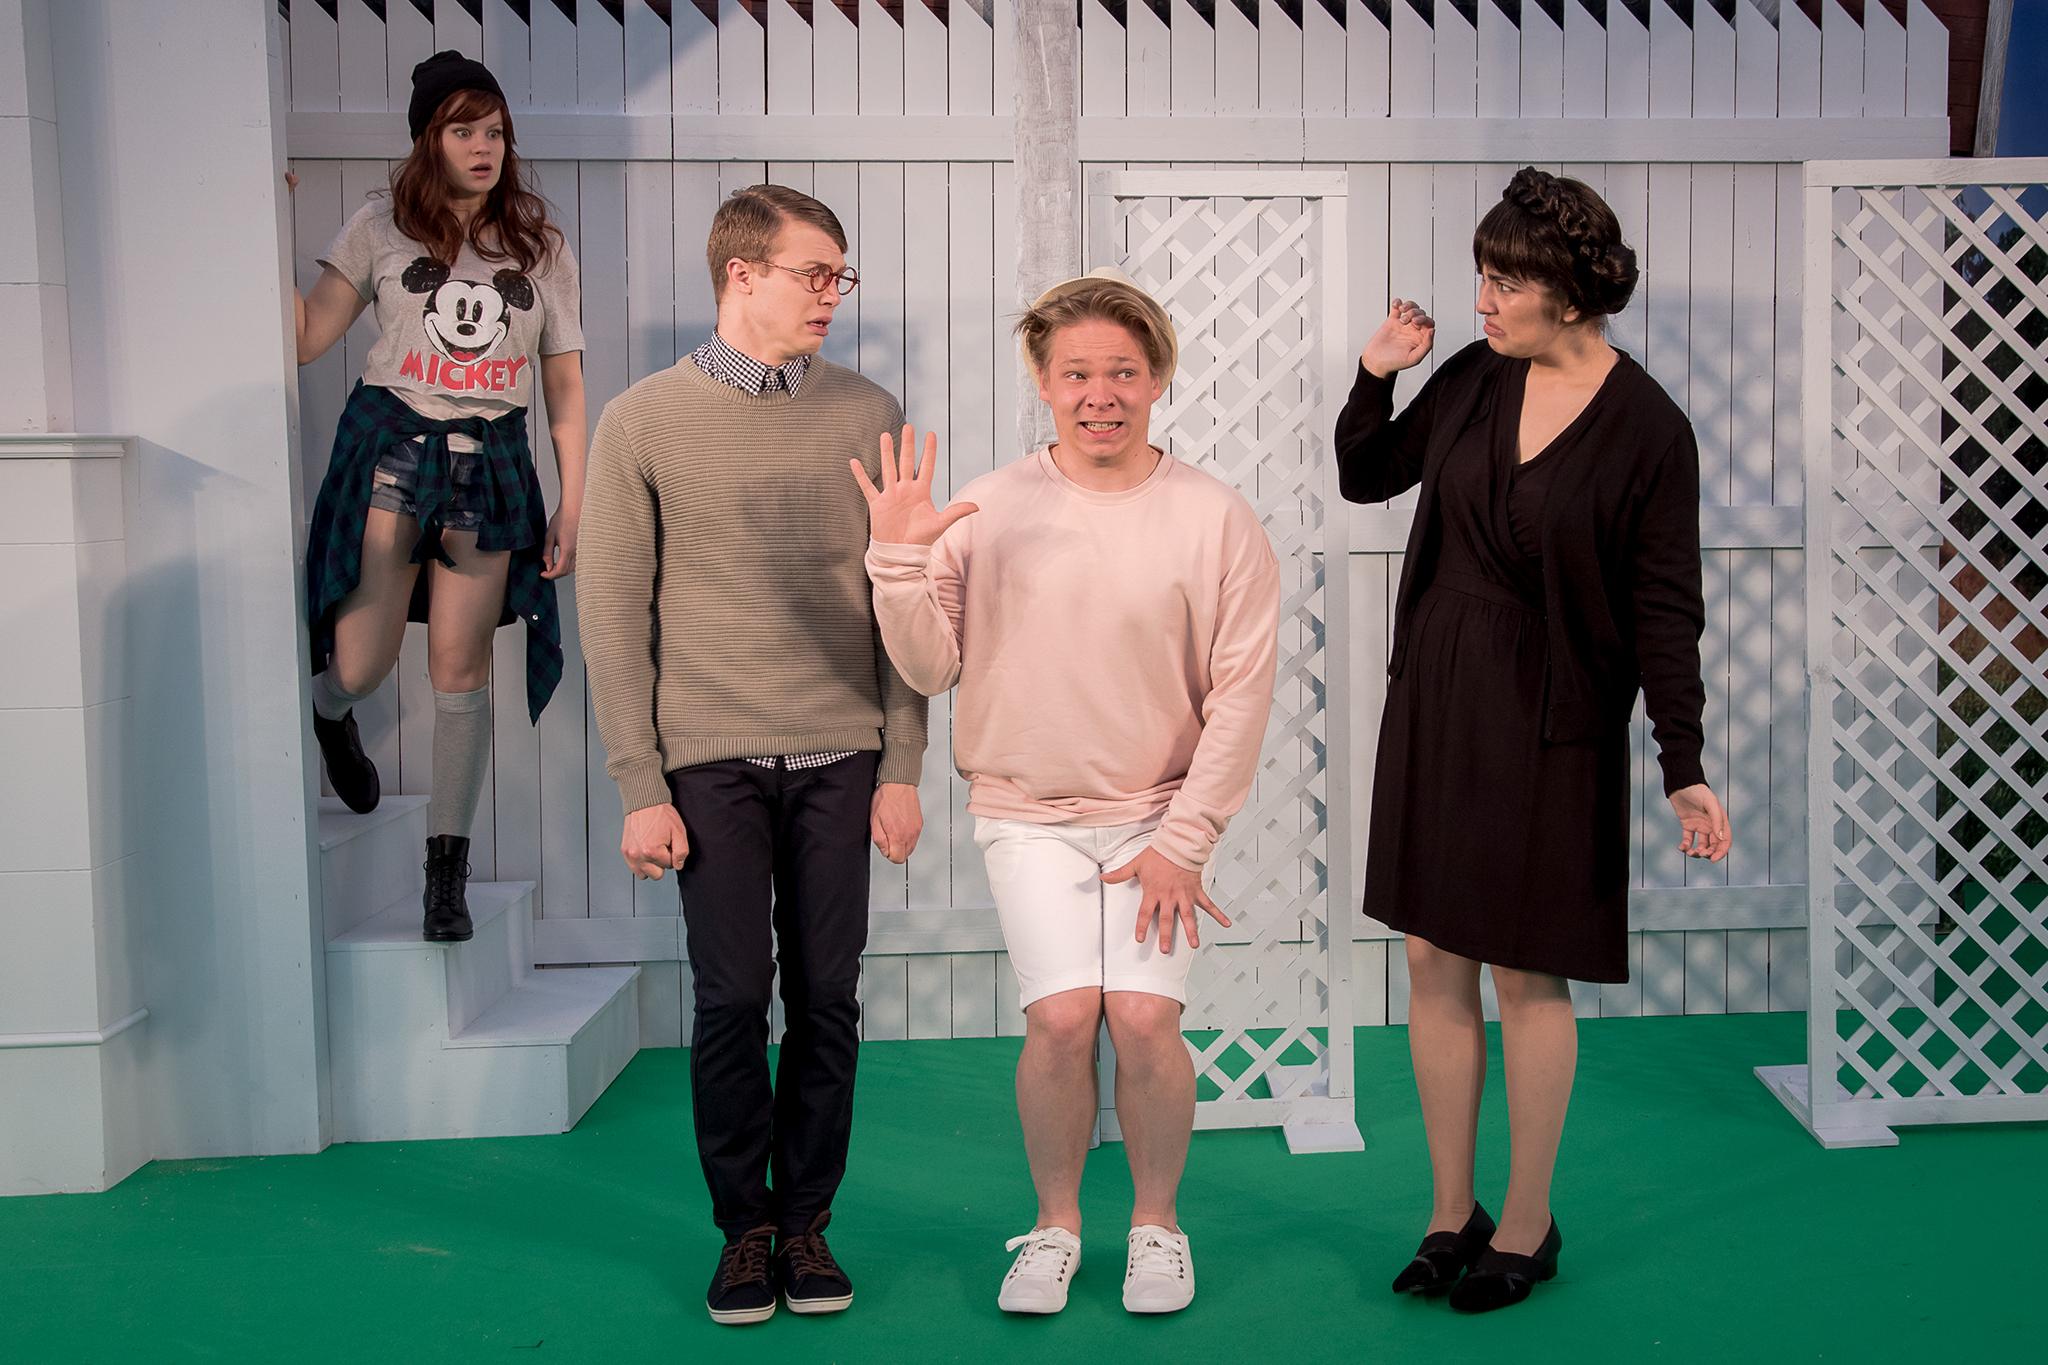 Julia (Inke Koskinen), Patrik (Arttu Soilumo), Ville (Joonatan Perälä) ja Rouva Hellström-Teppo (Esme Kaislakari)